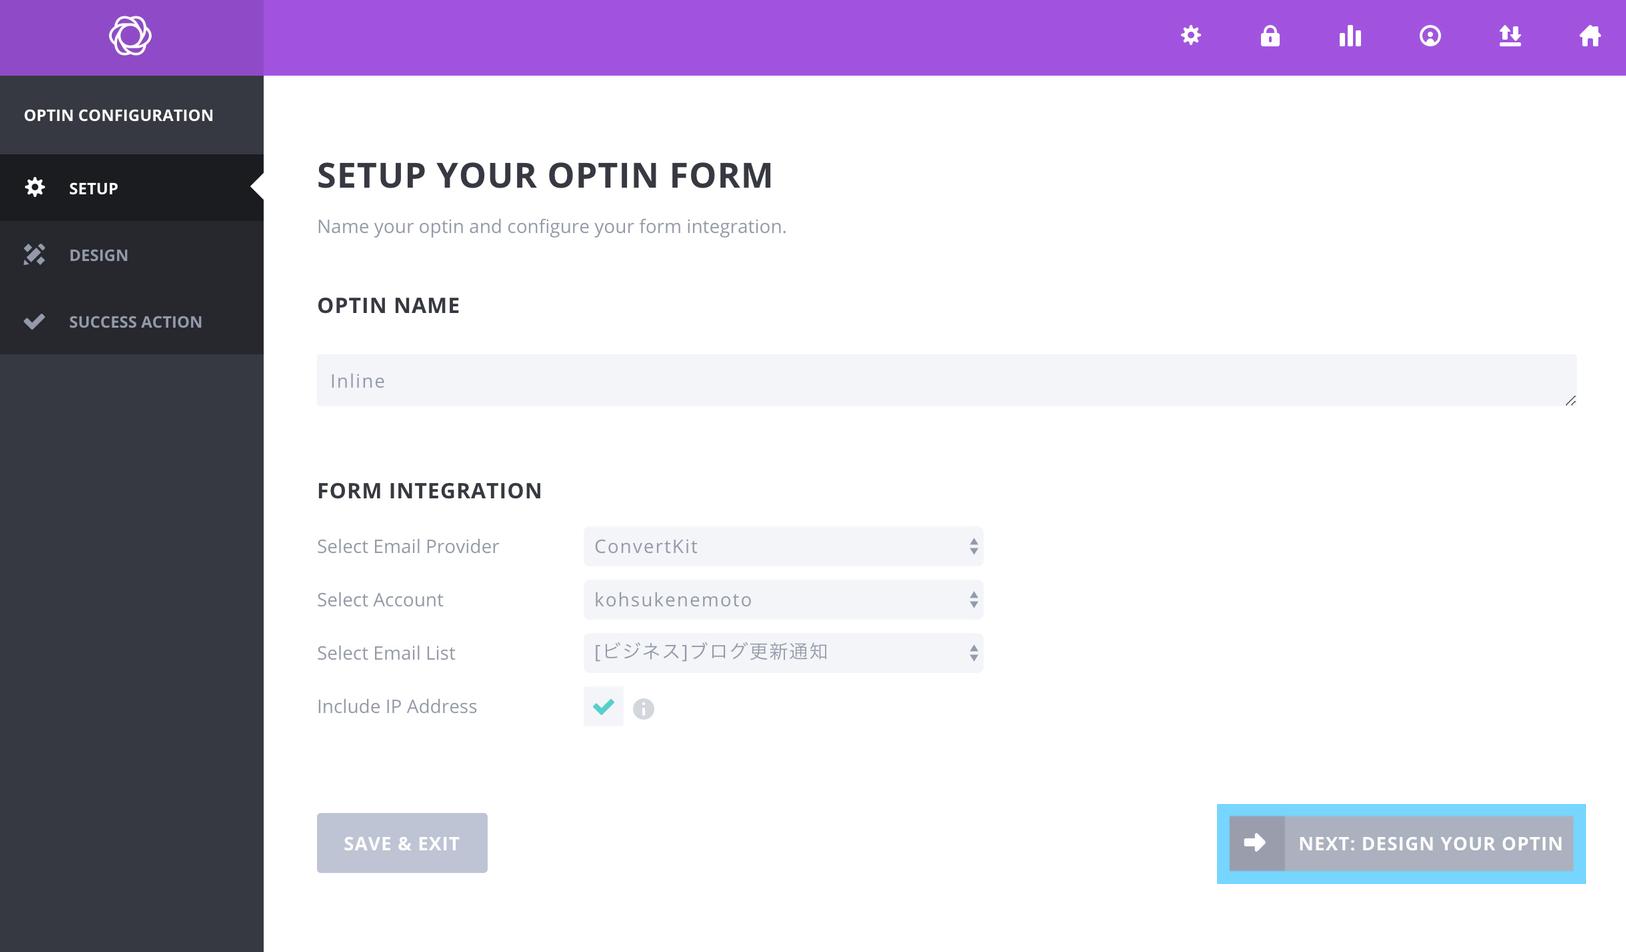 BloomプラグインでInlineオプトインフォームの初期設定をする